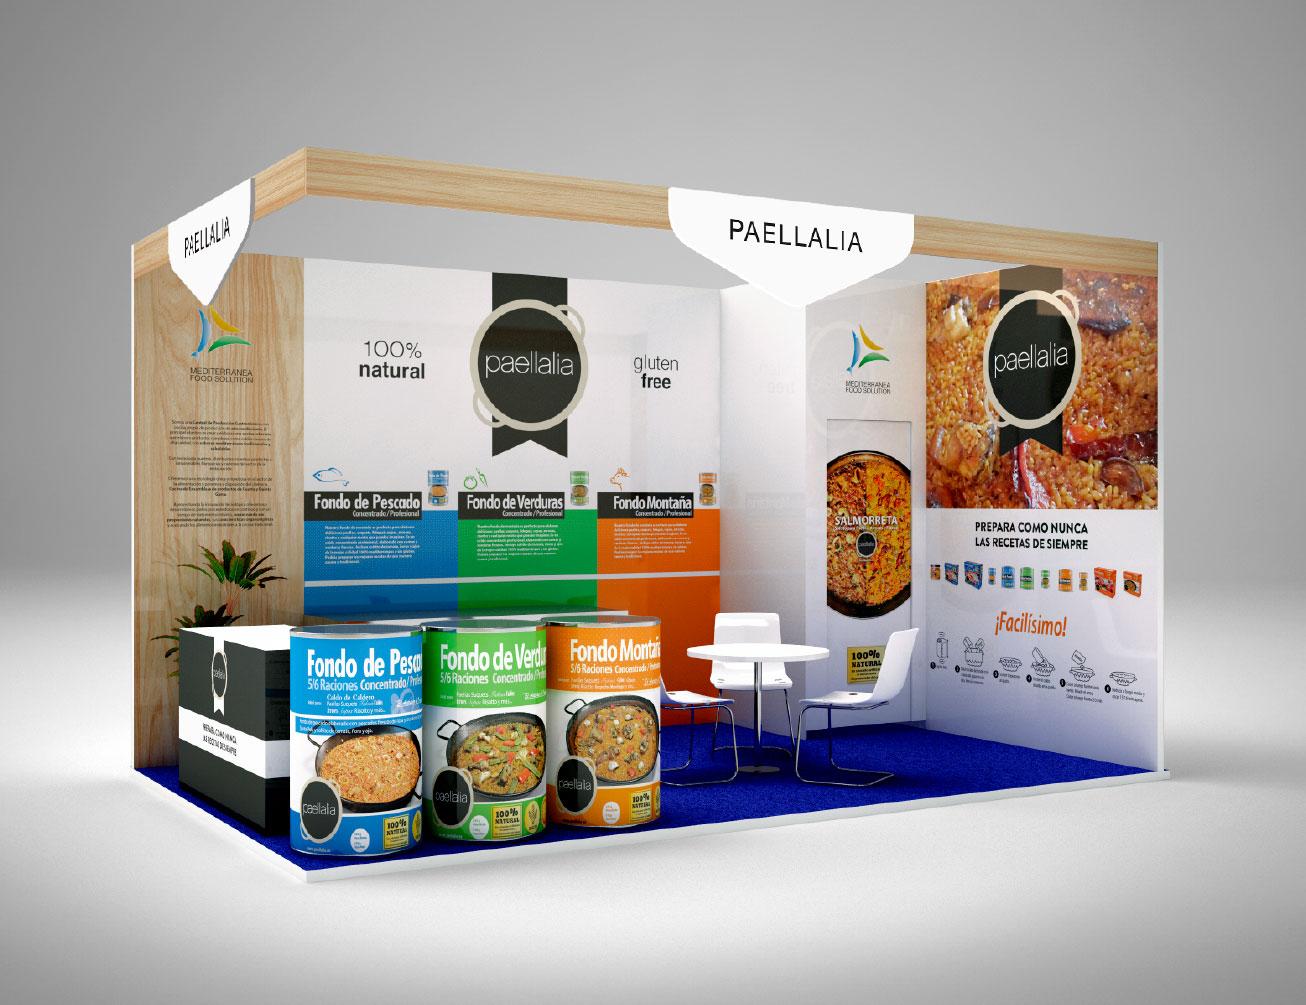 paellalia-stand-7